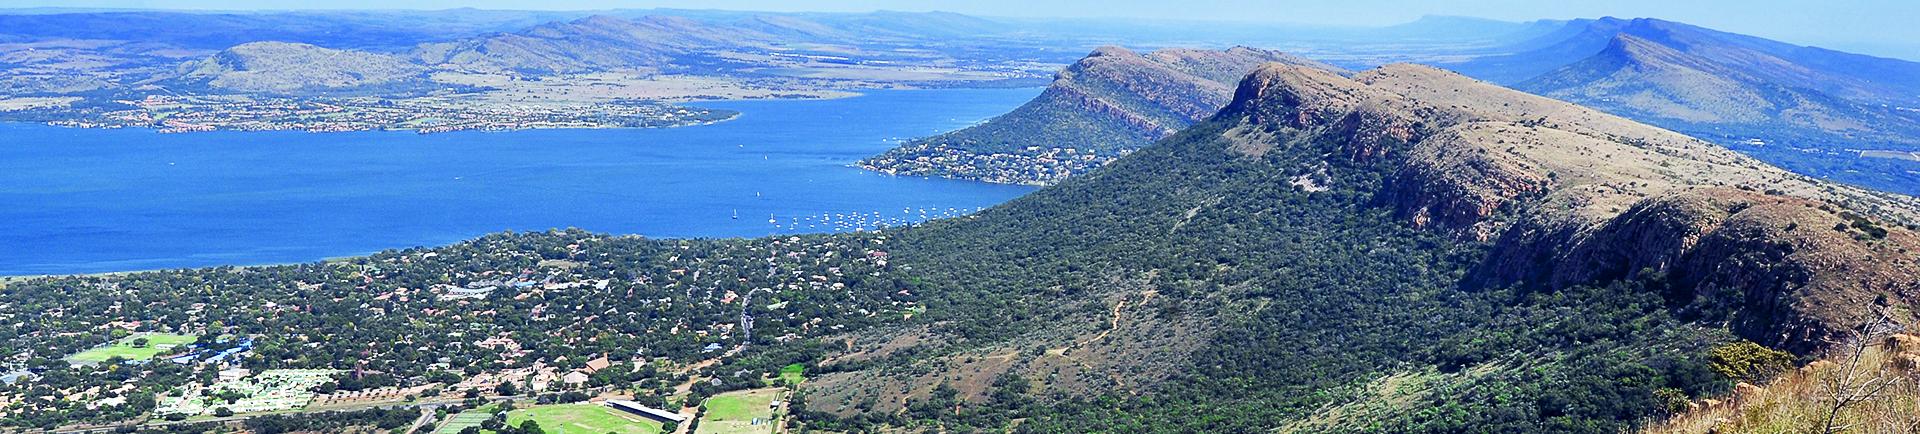 PIC losses R1.1 billion to bankrupt Madibeng municipality